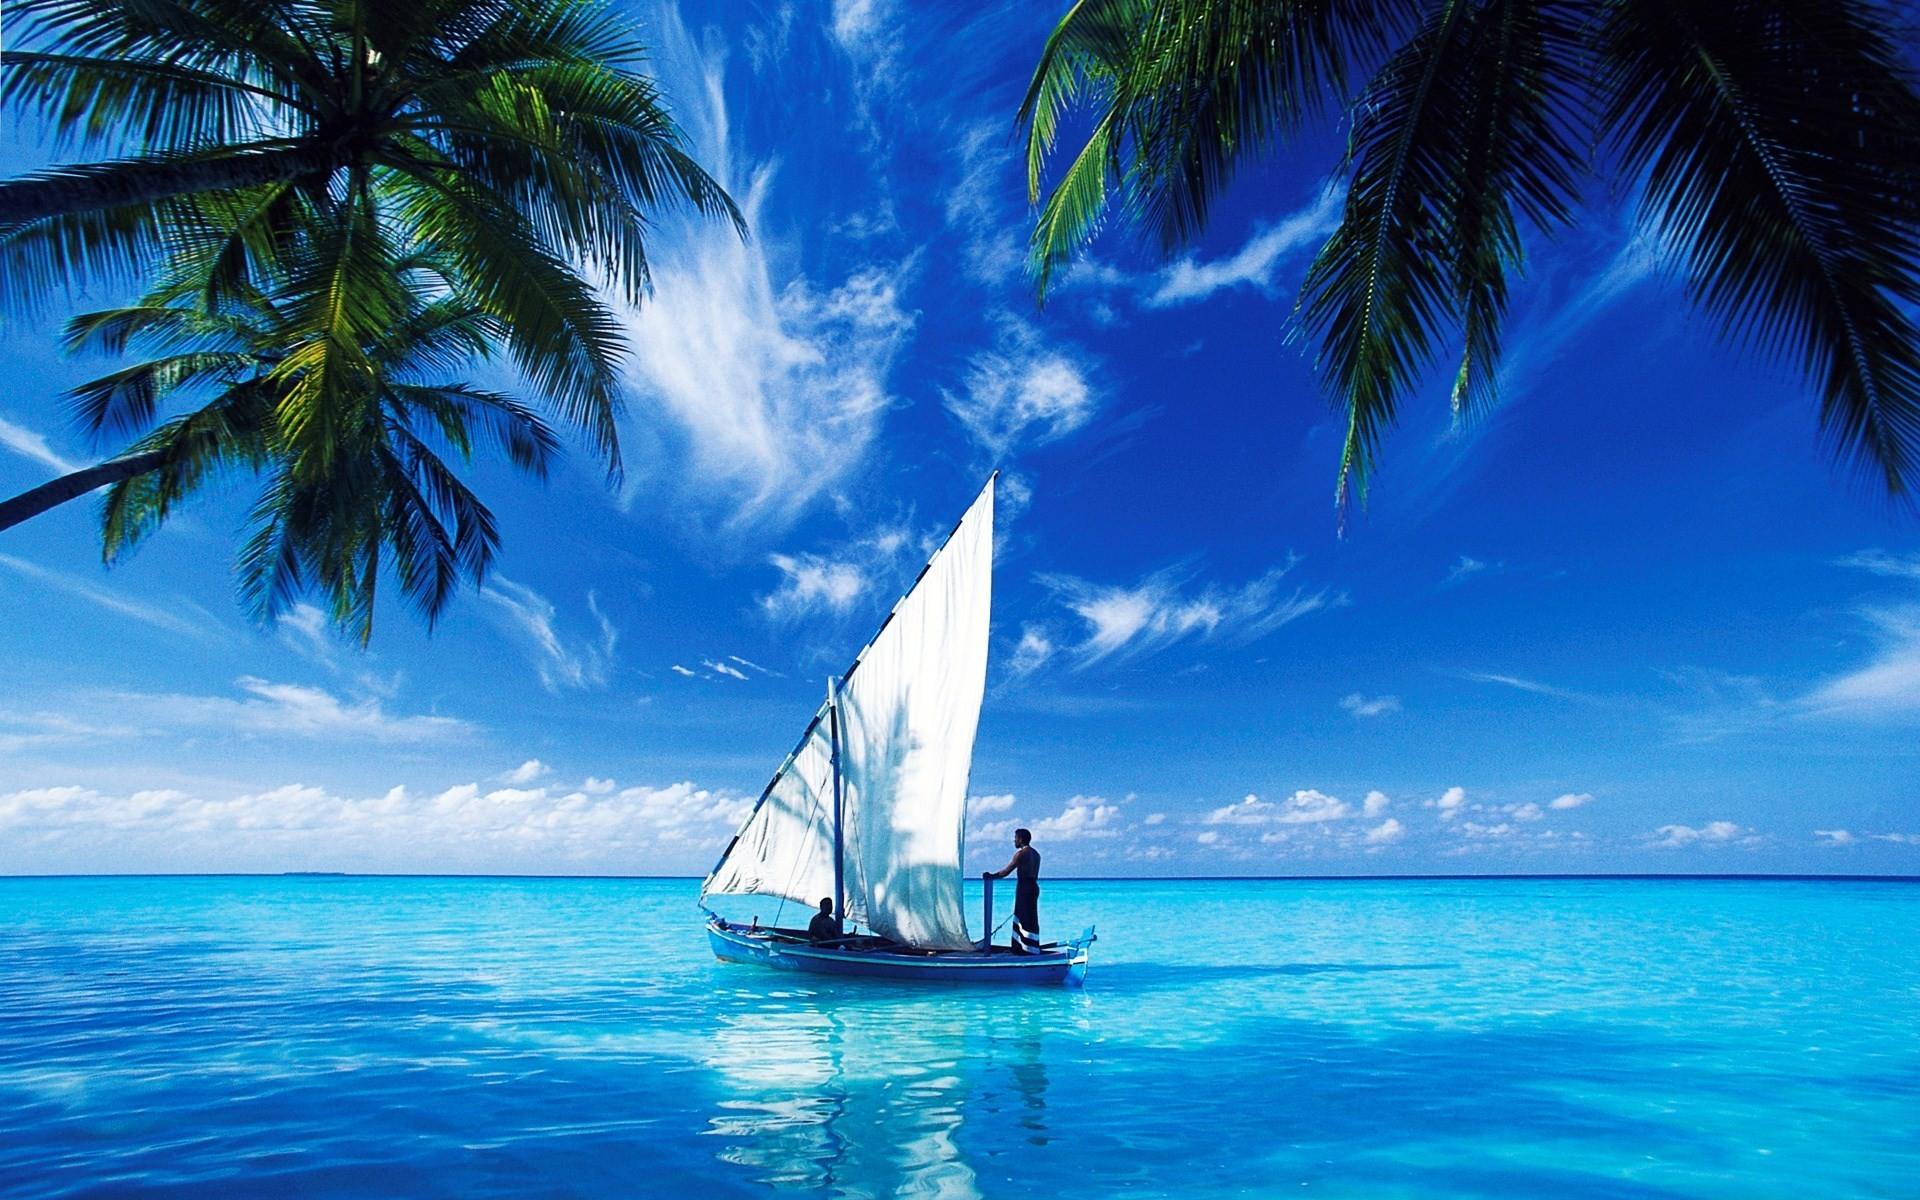 975051-desktop-backgrounds-ocean-1920x12